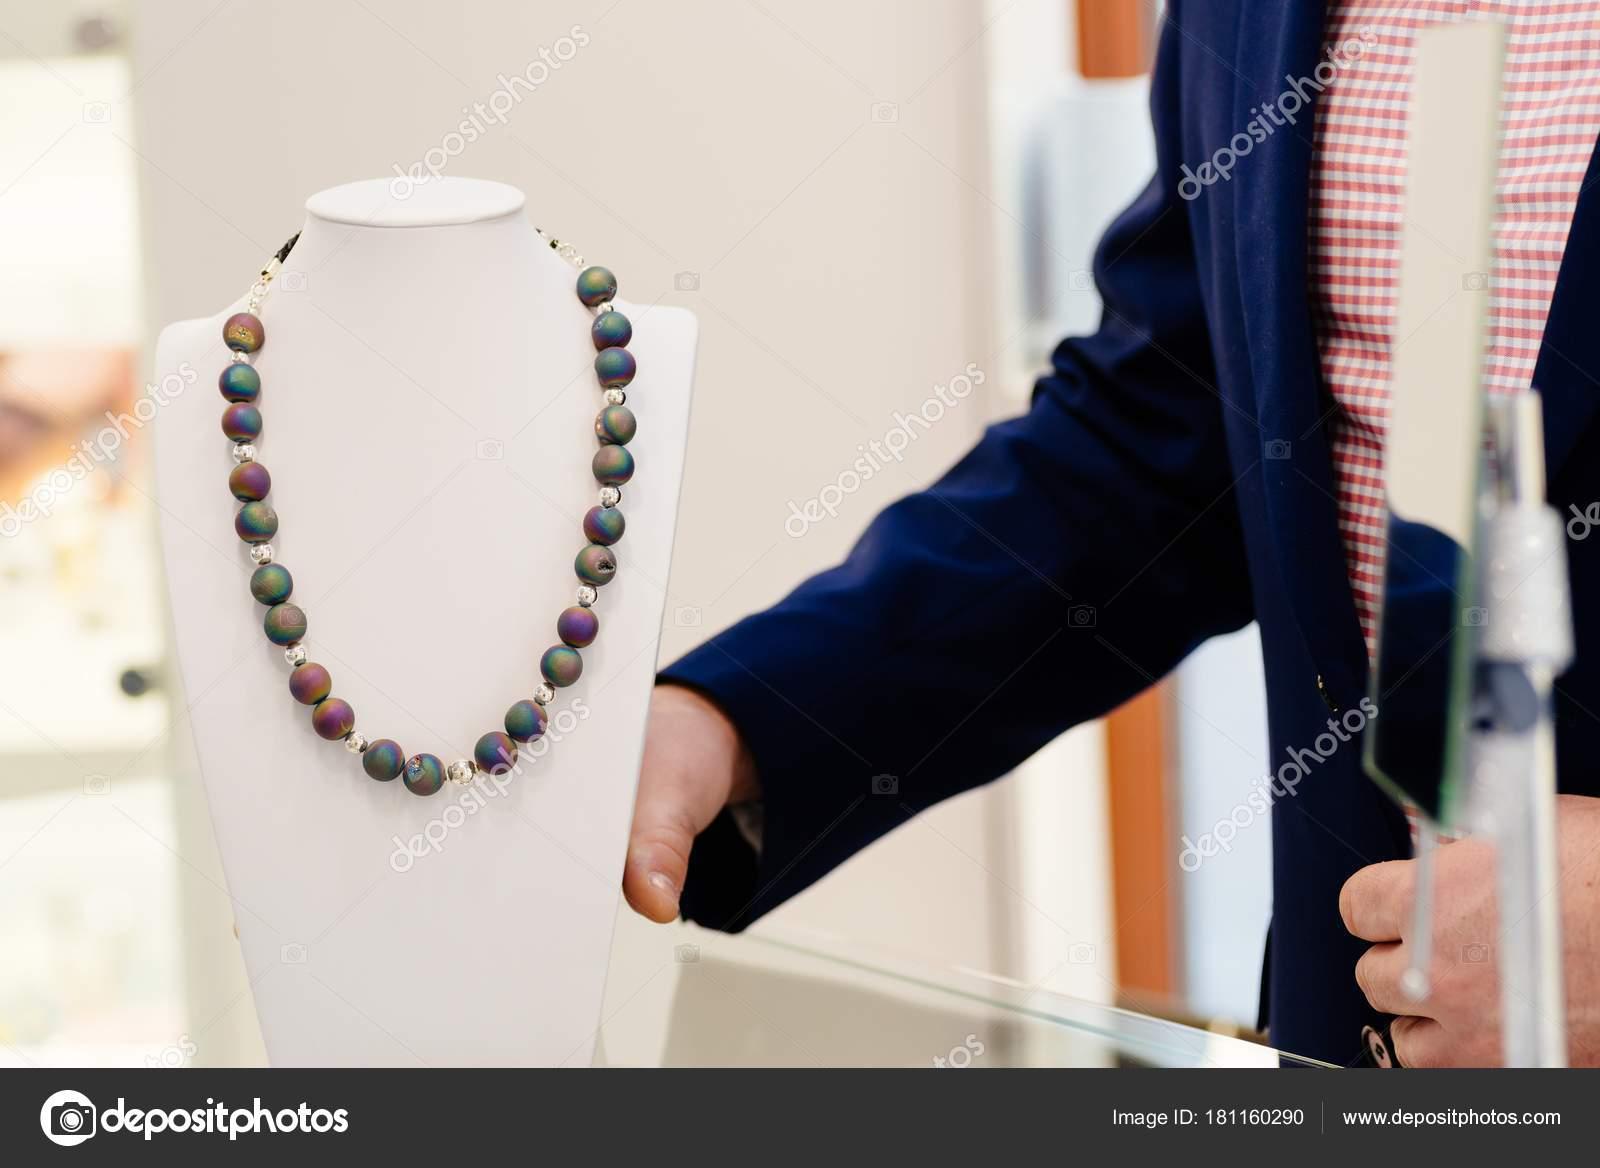 Achat Stein Luxus Halskette Stockfoto C Djedzura 181160290